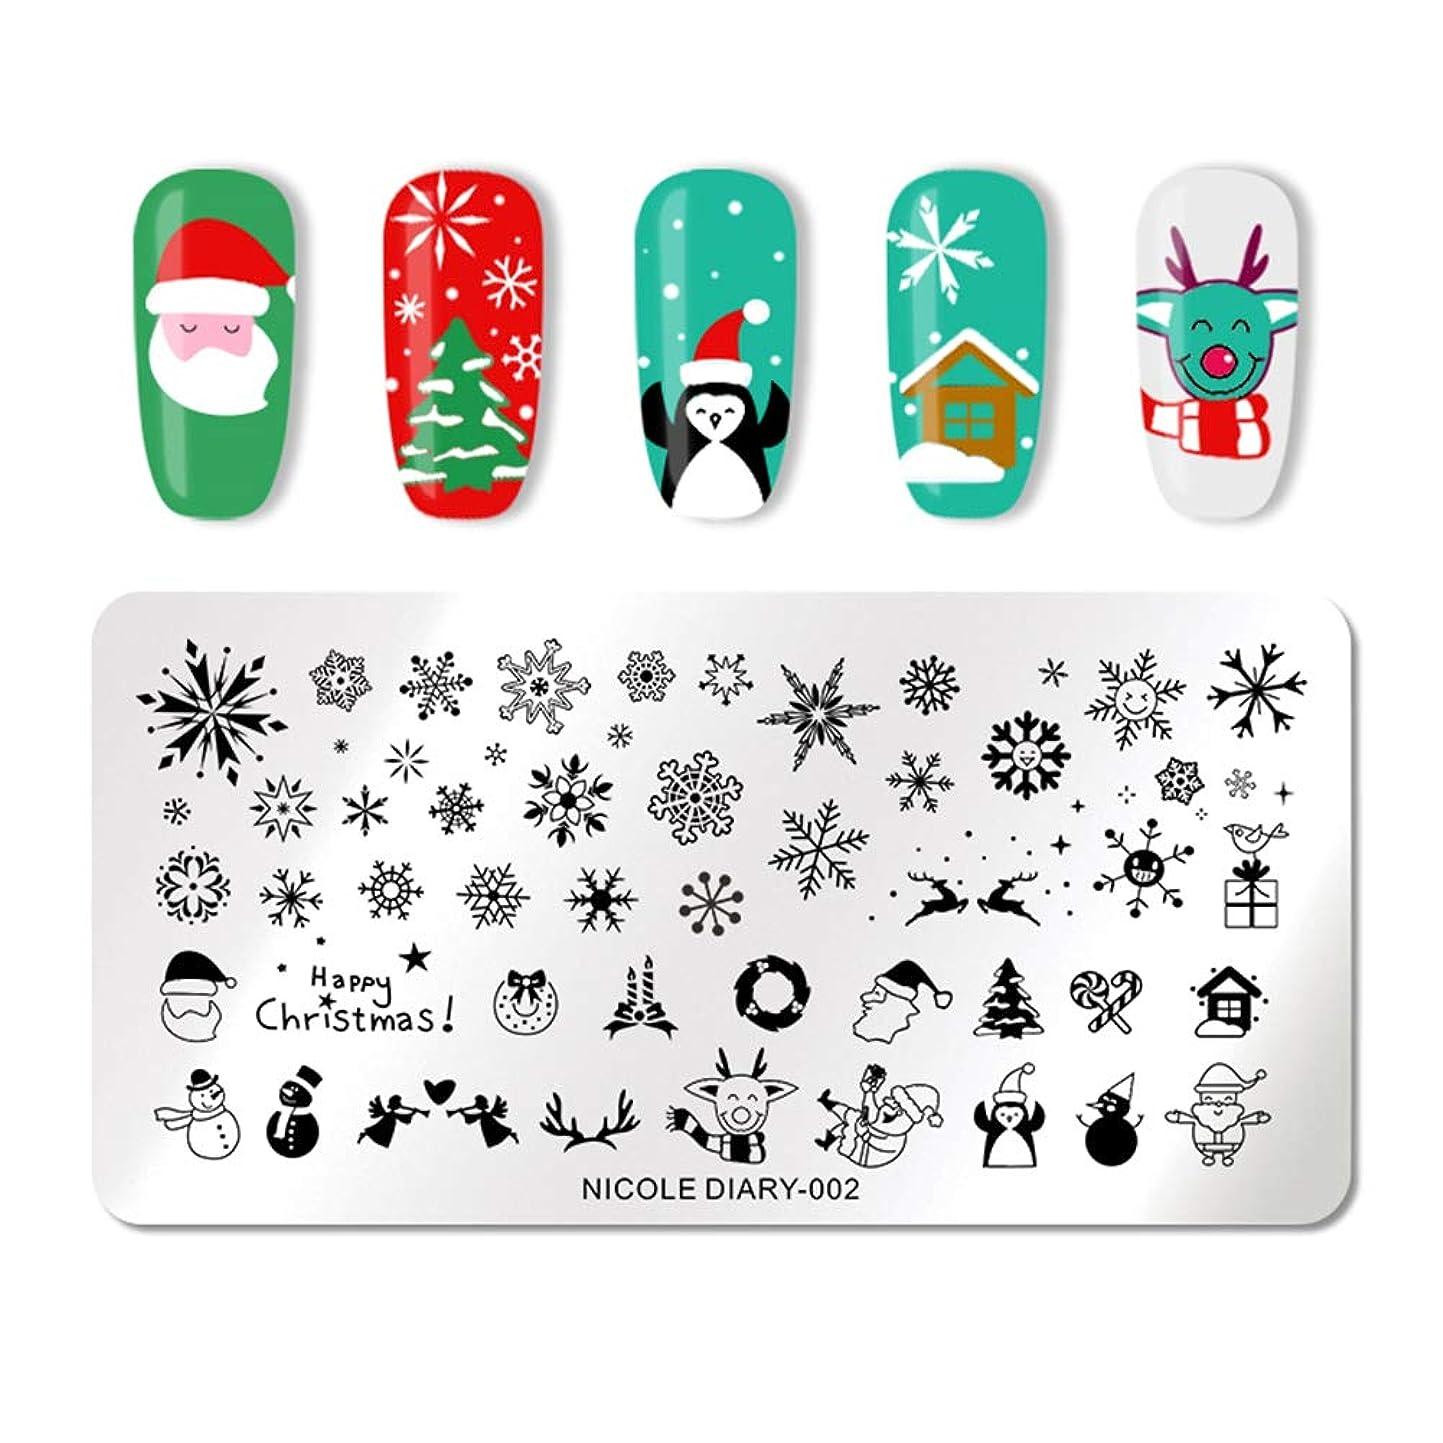 マントルモンゴメリーやりがいのあるNICOLE DIARY スタンプネイルプレート クリスマス 雪花 サンタ トナカイ クリスマスツリー 雪だるま クリスマスの靴下 クリスマスディナー ネイルプレート サイズ12*6cm スタンピングプレート スタンピングネイル NICOLE DIARY-002 [並行輸入品]